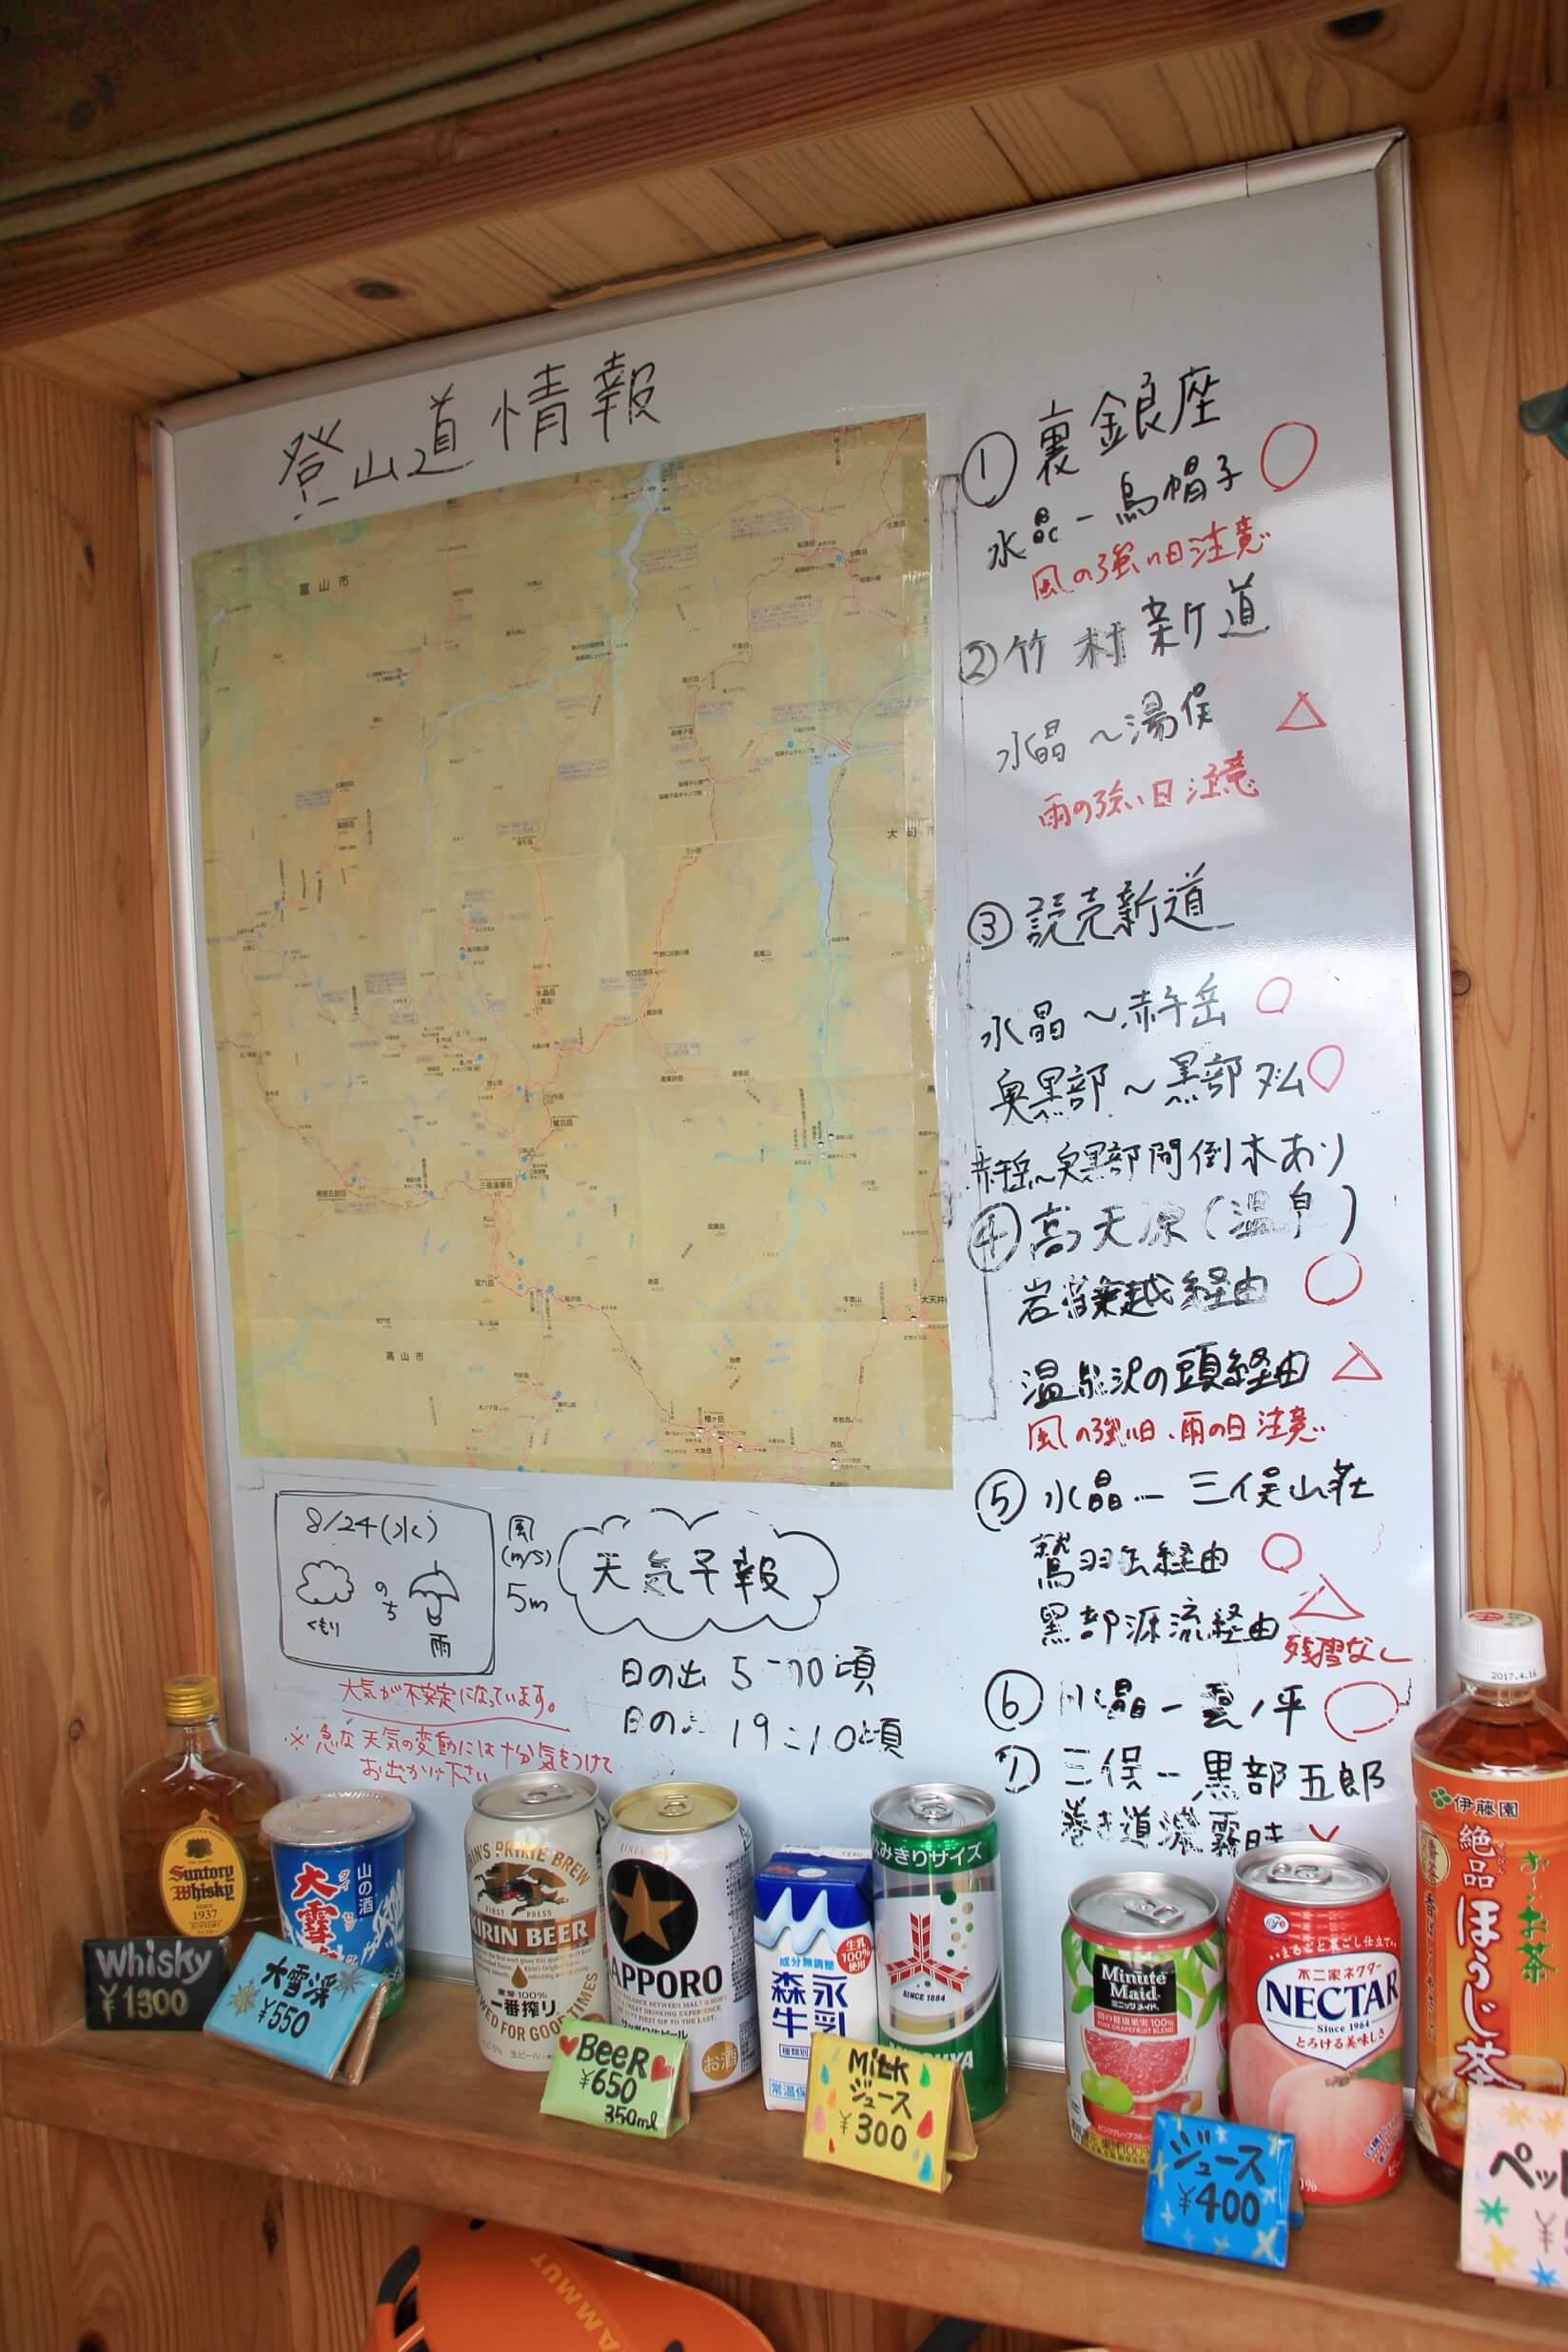 水晶小屋内に掲示されている登山道情報